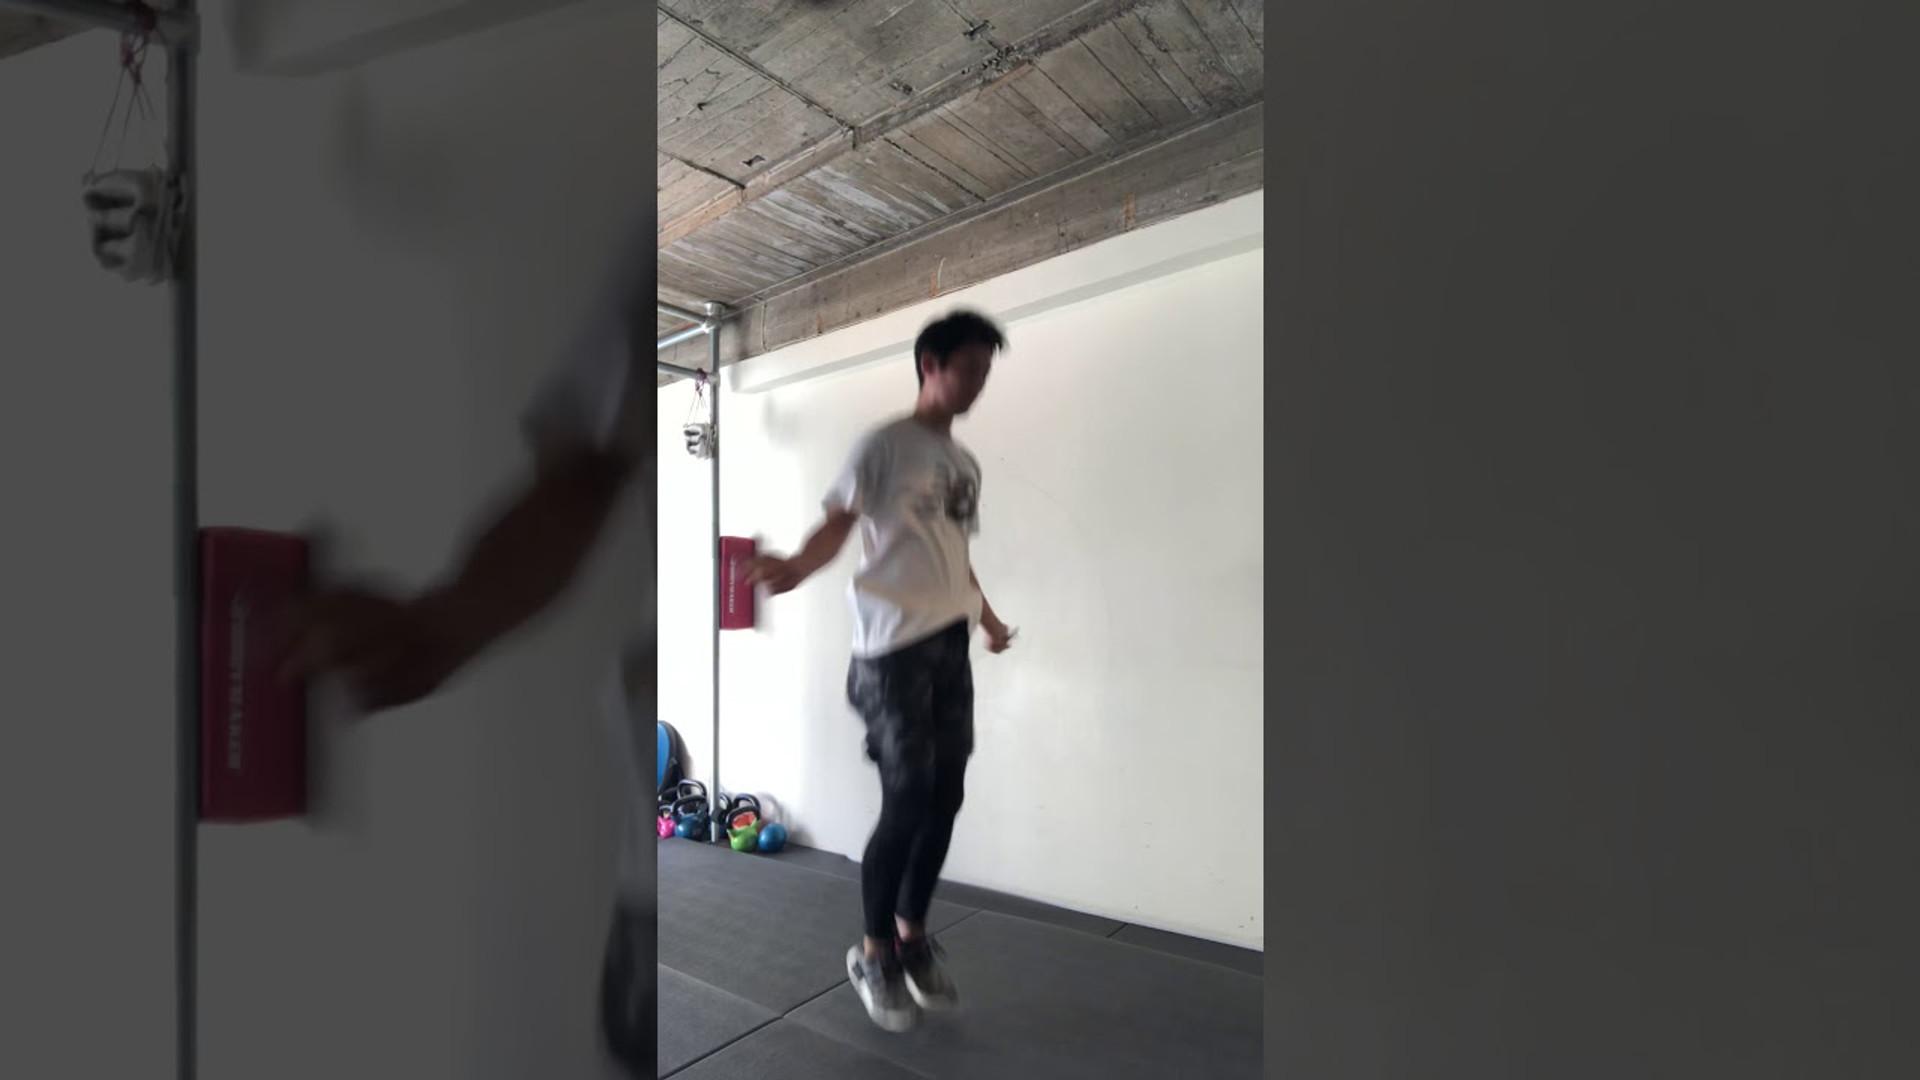 縄跳び ロープジャンプ